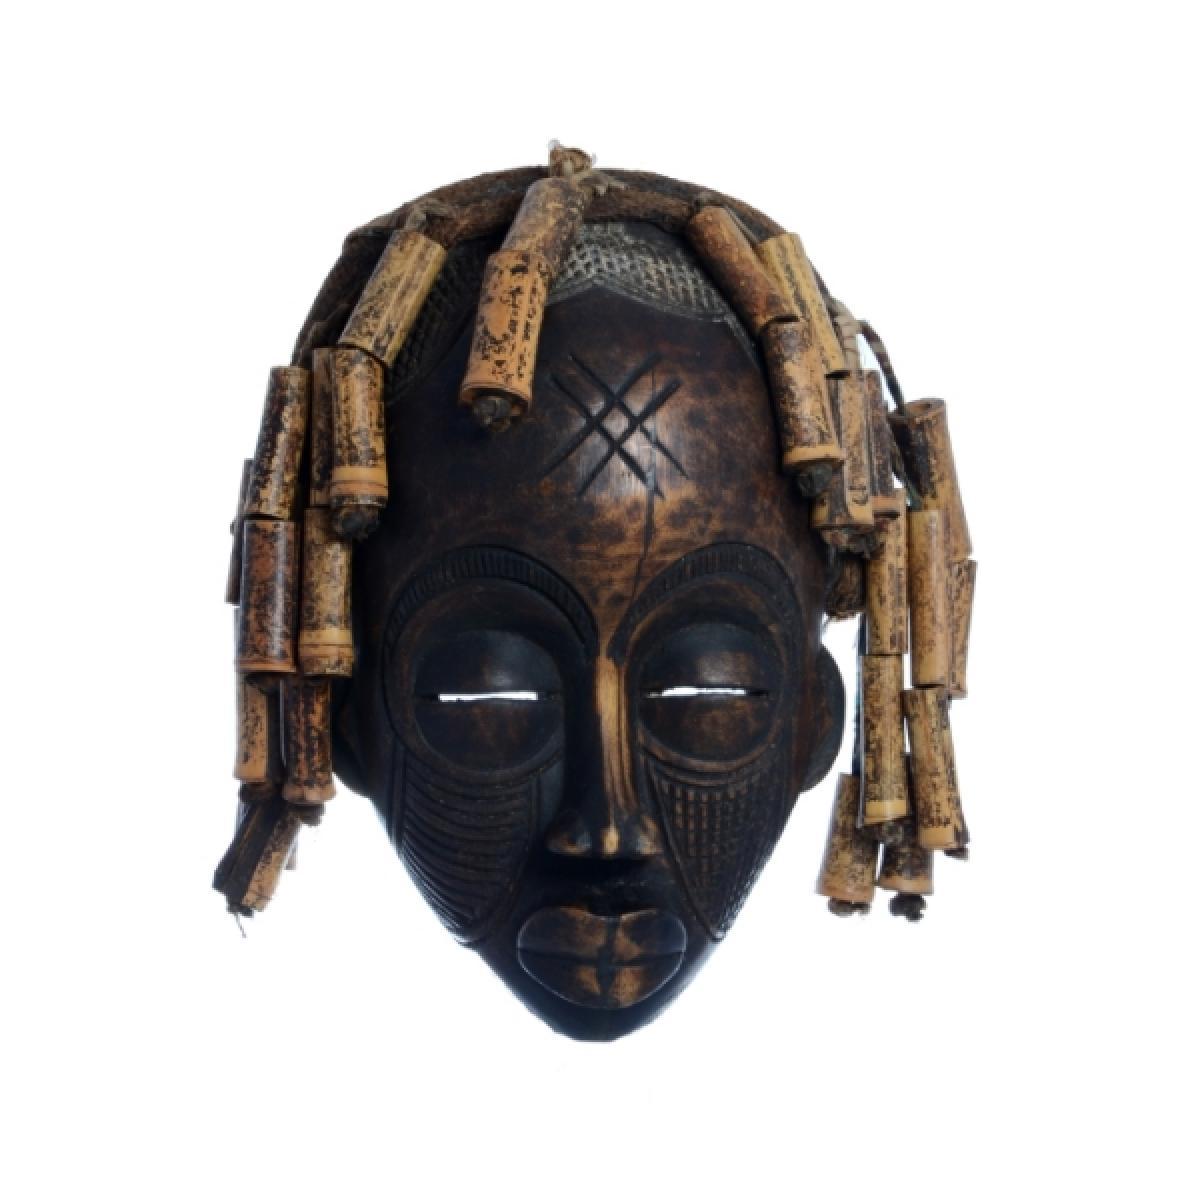 Masken Aus Afrika Bali Bei Afrika Deko Shop Einkaufen